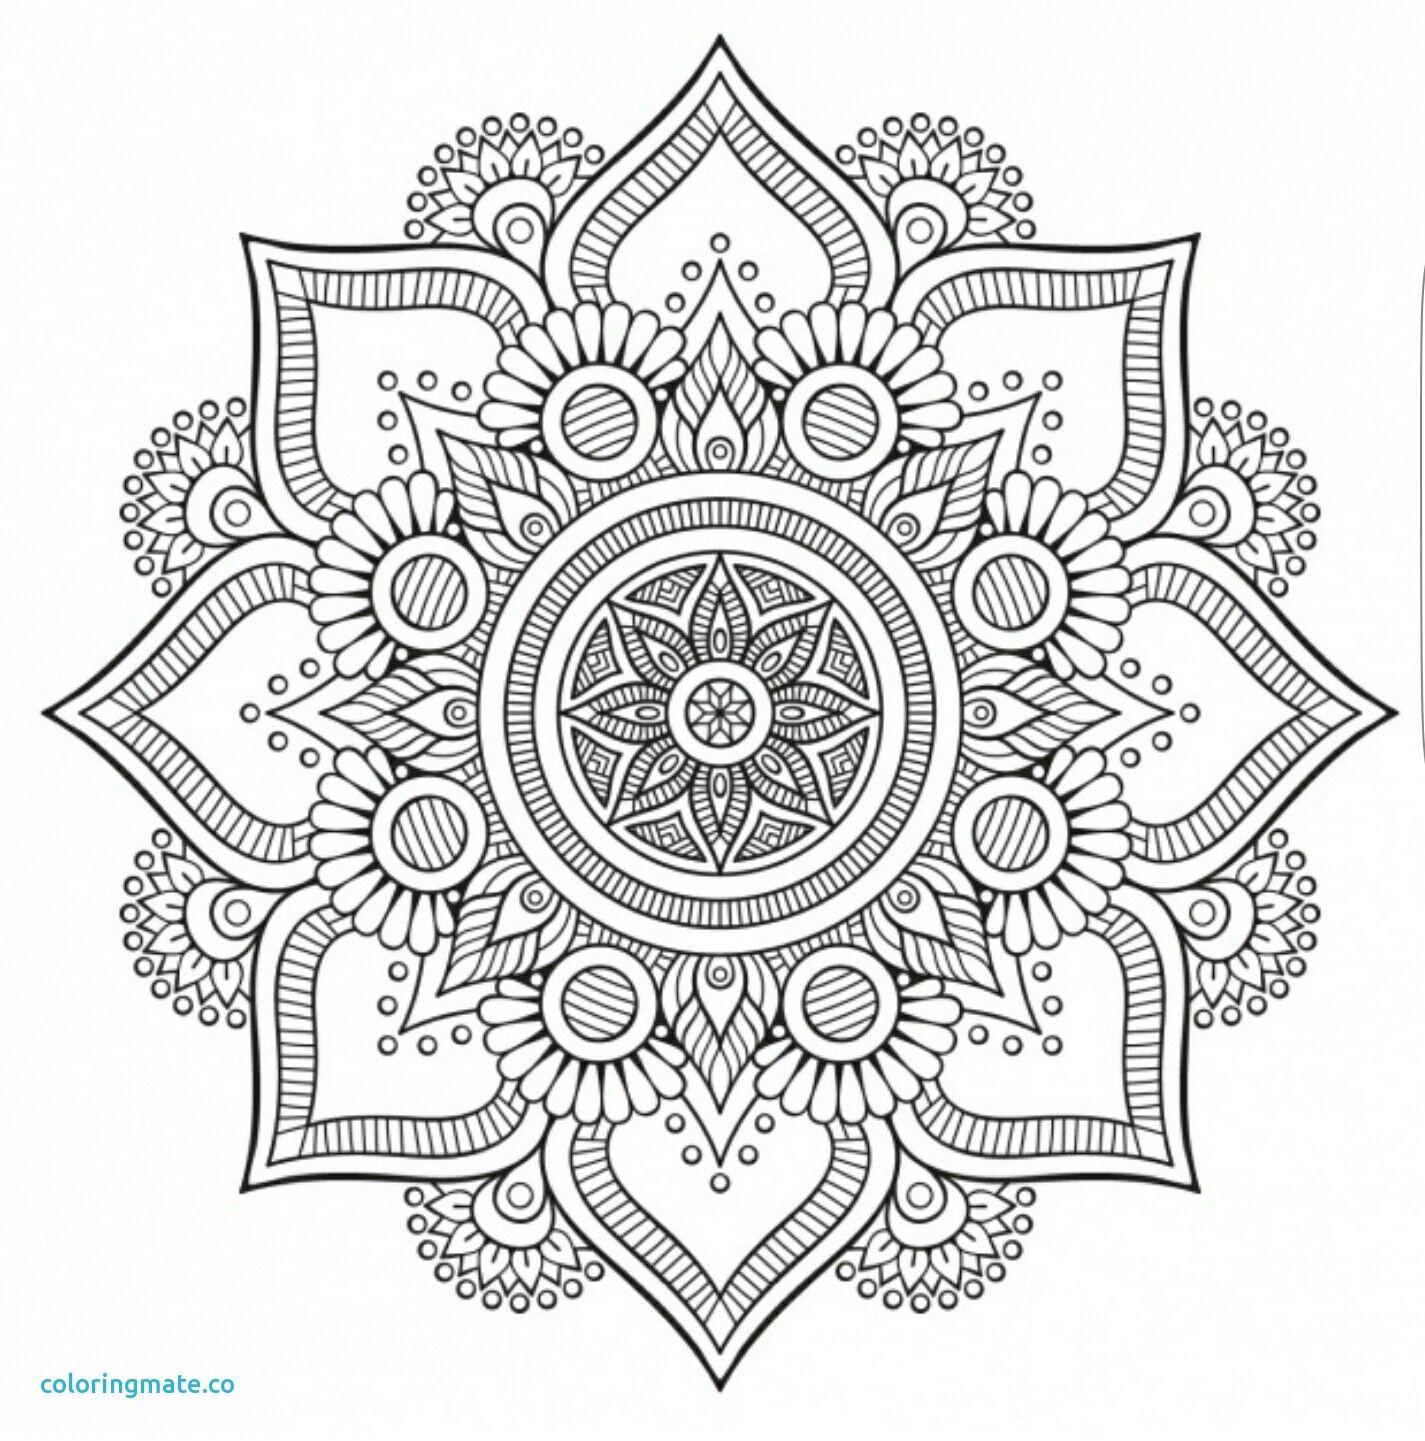 Coloriage Mandalas Attrape Reve Indien Fresh A Pingle Par Veronica ...